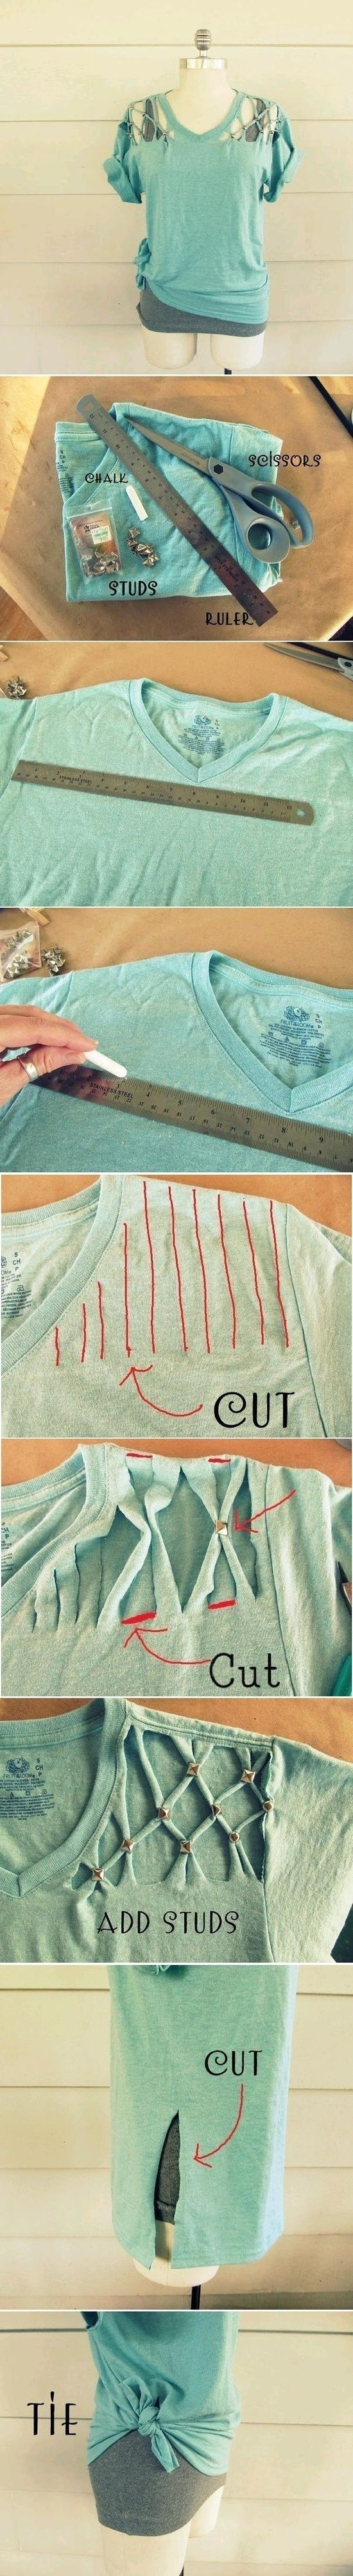 messenger backpacks DIY Cool Studded TShirt  Take a Tshirt